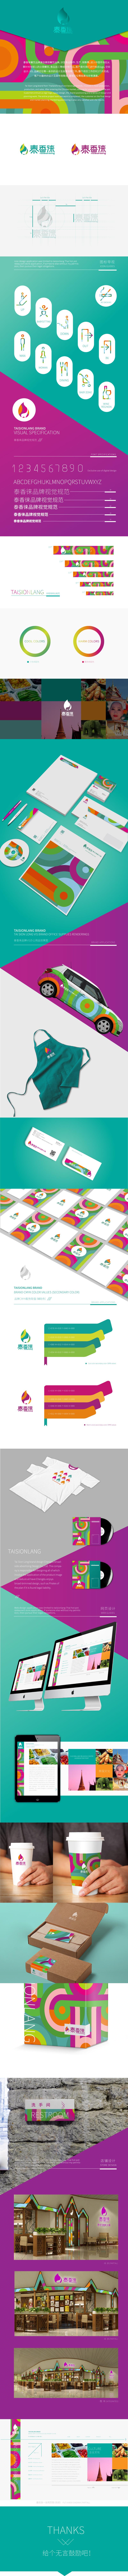 查看《泰香徕餐饮品牌VIS形象设计》原图,原图尺寸:801x16082